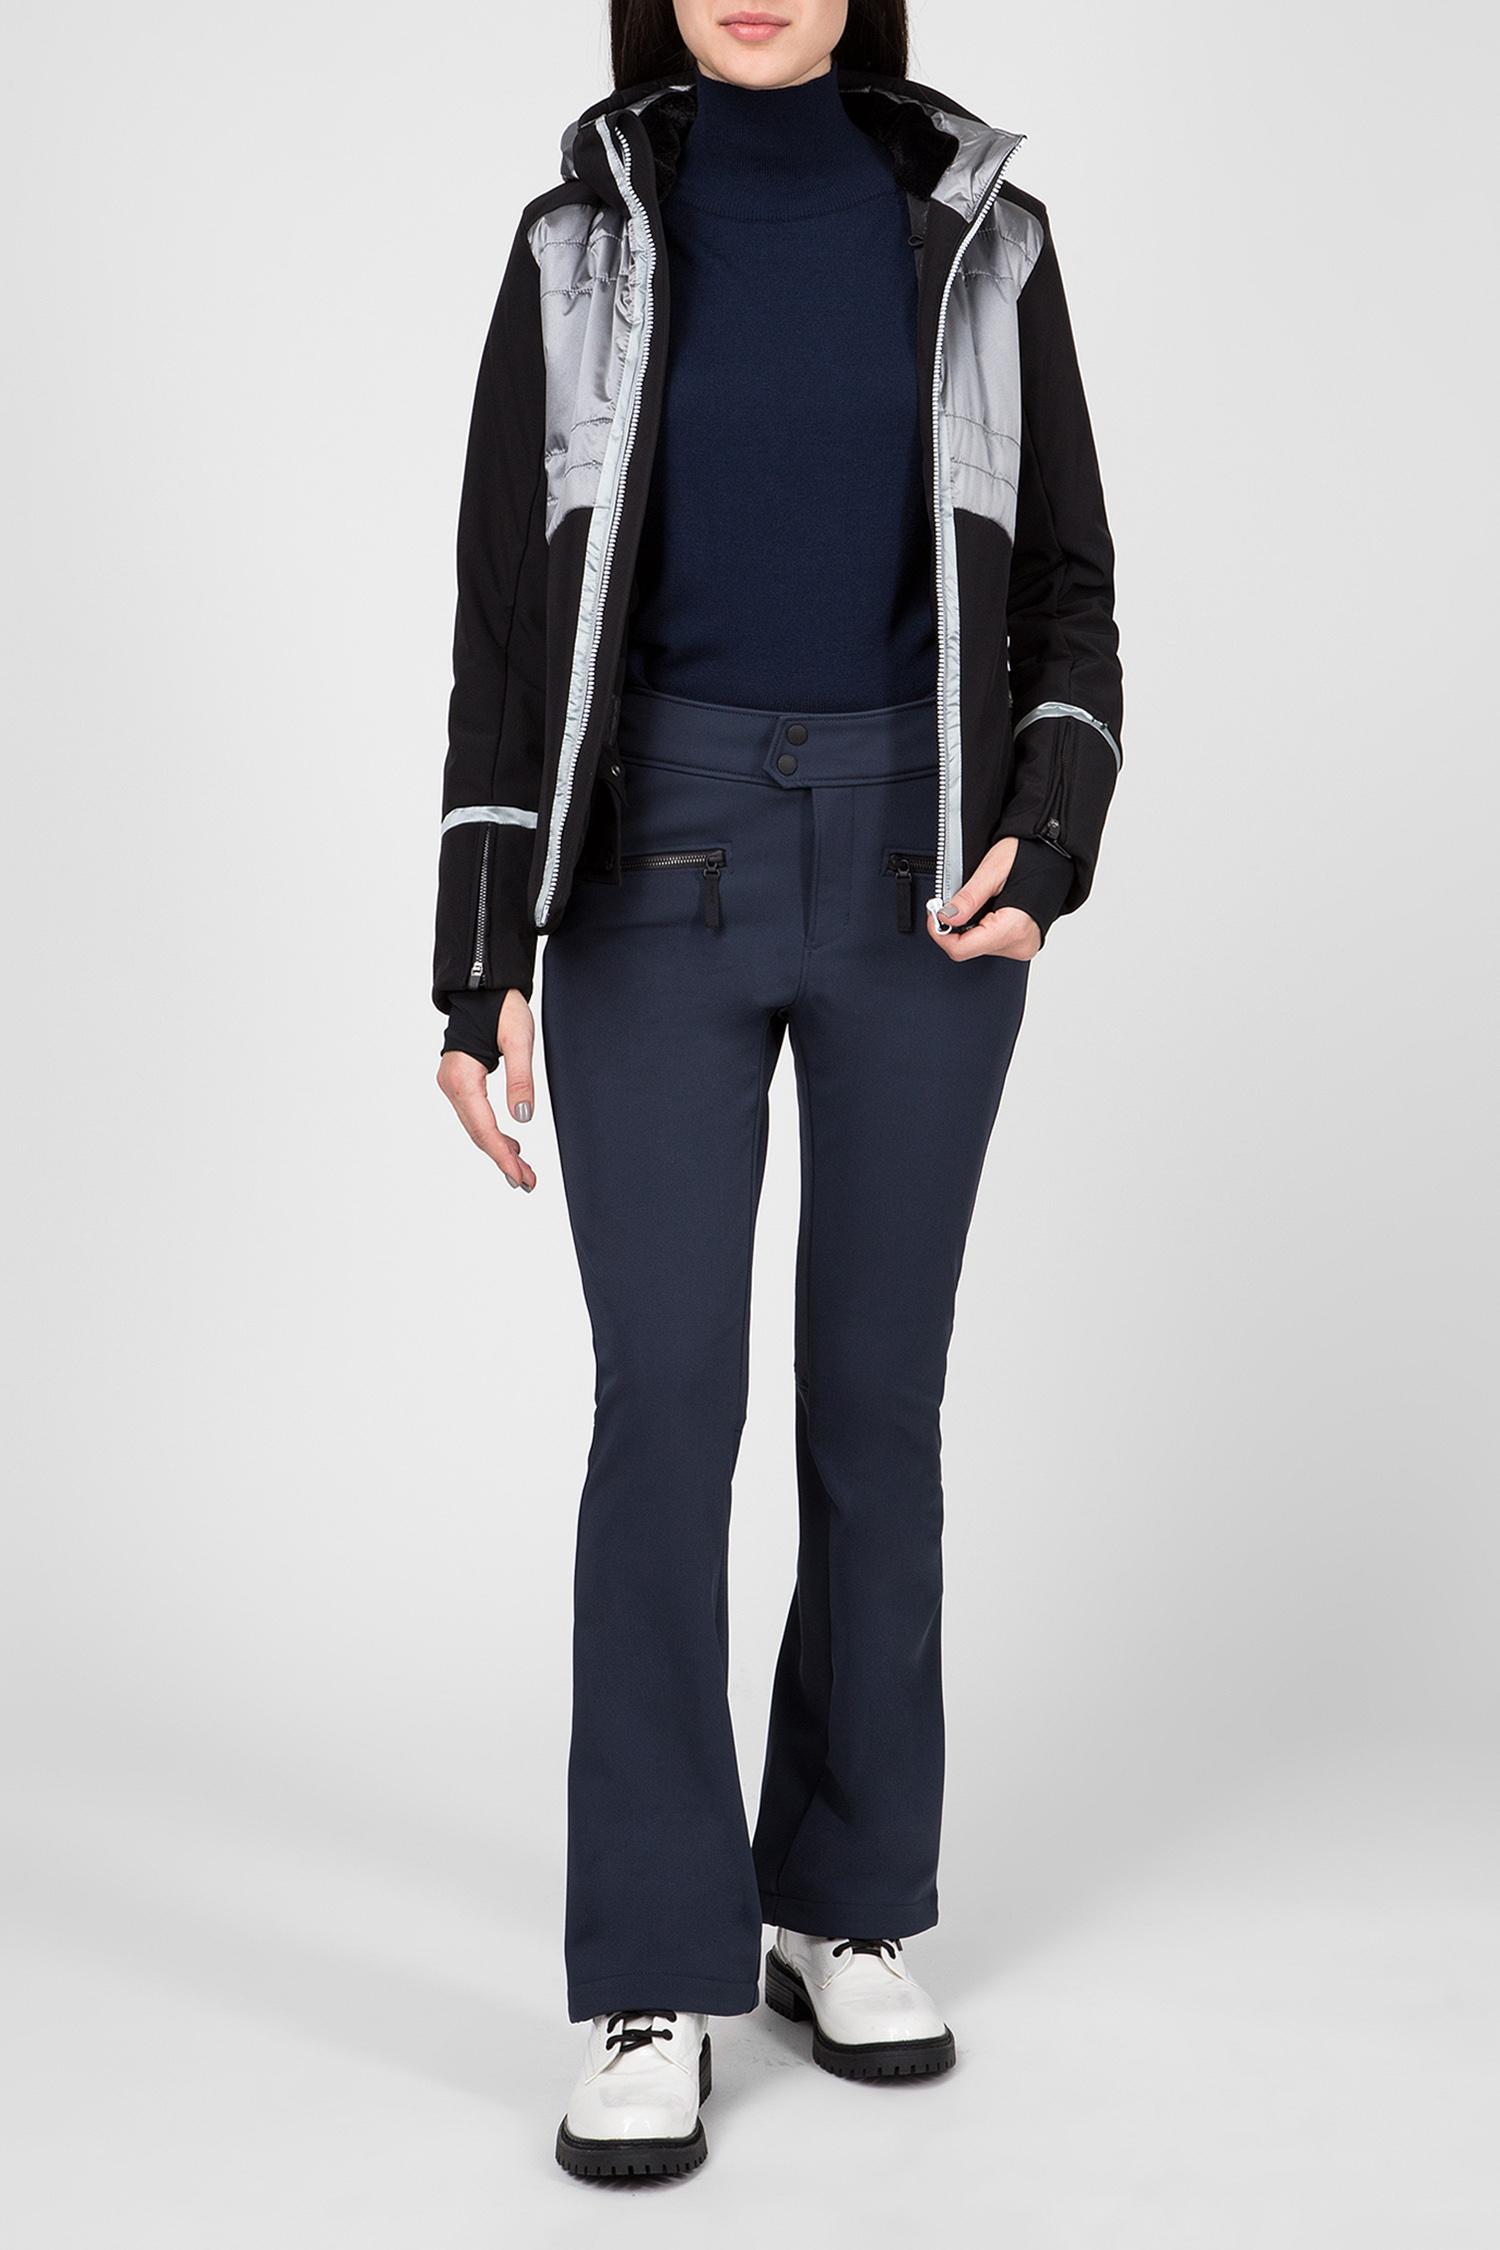 Купить Женская черная лыжная куртка CMP CMP 38W0836-84BM – Киев, Украина. Цены в интернет магазине MD Fashion